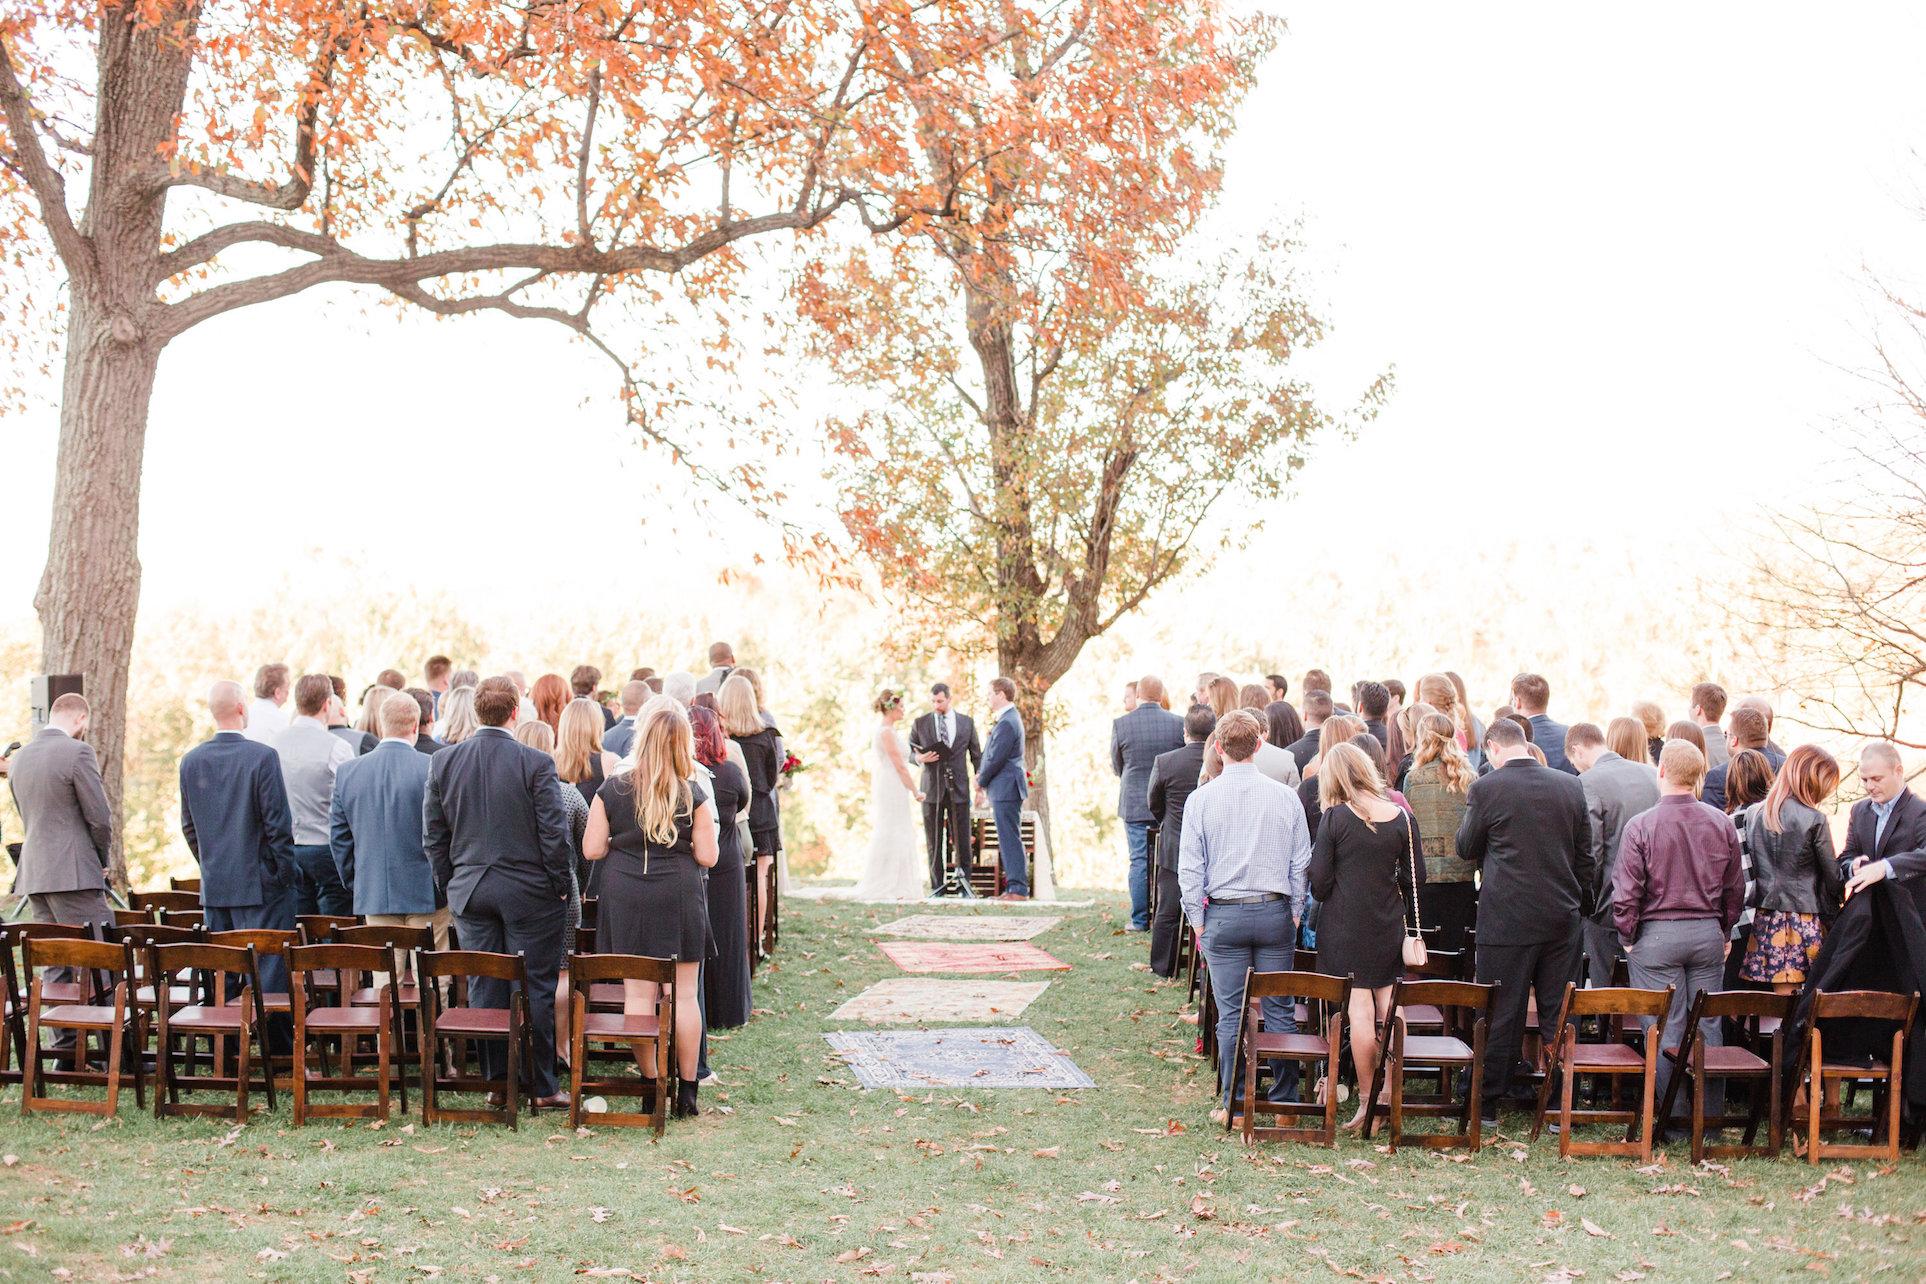 Outdoor wedding in the park